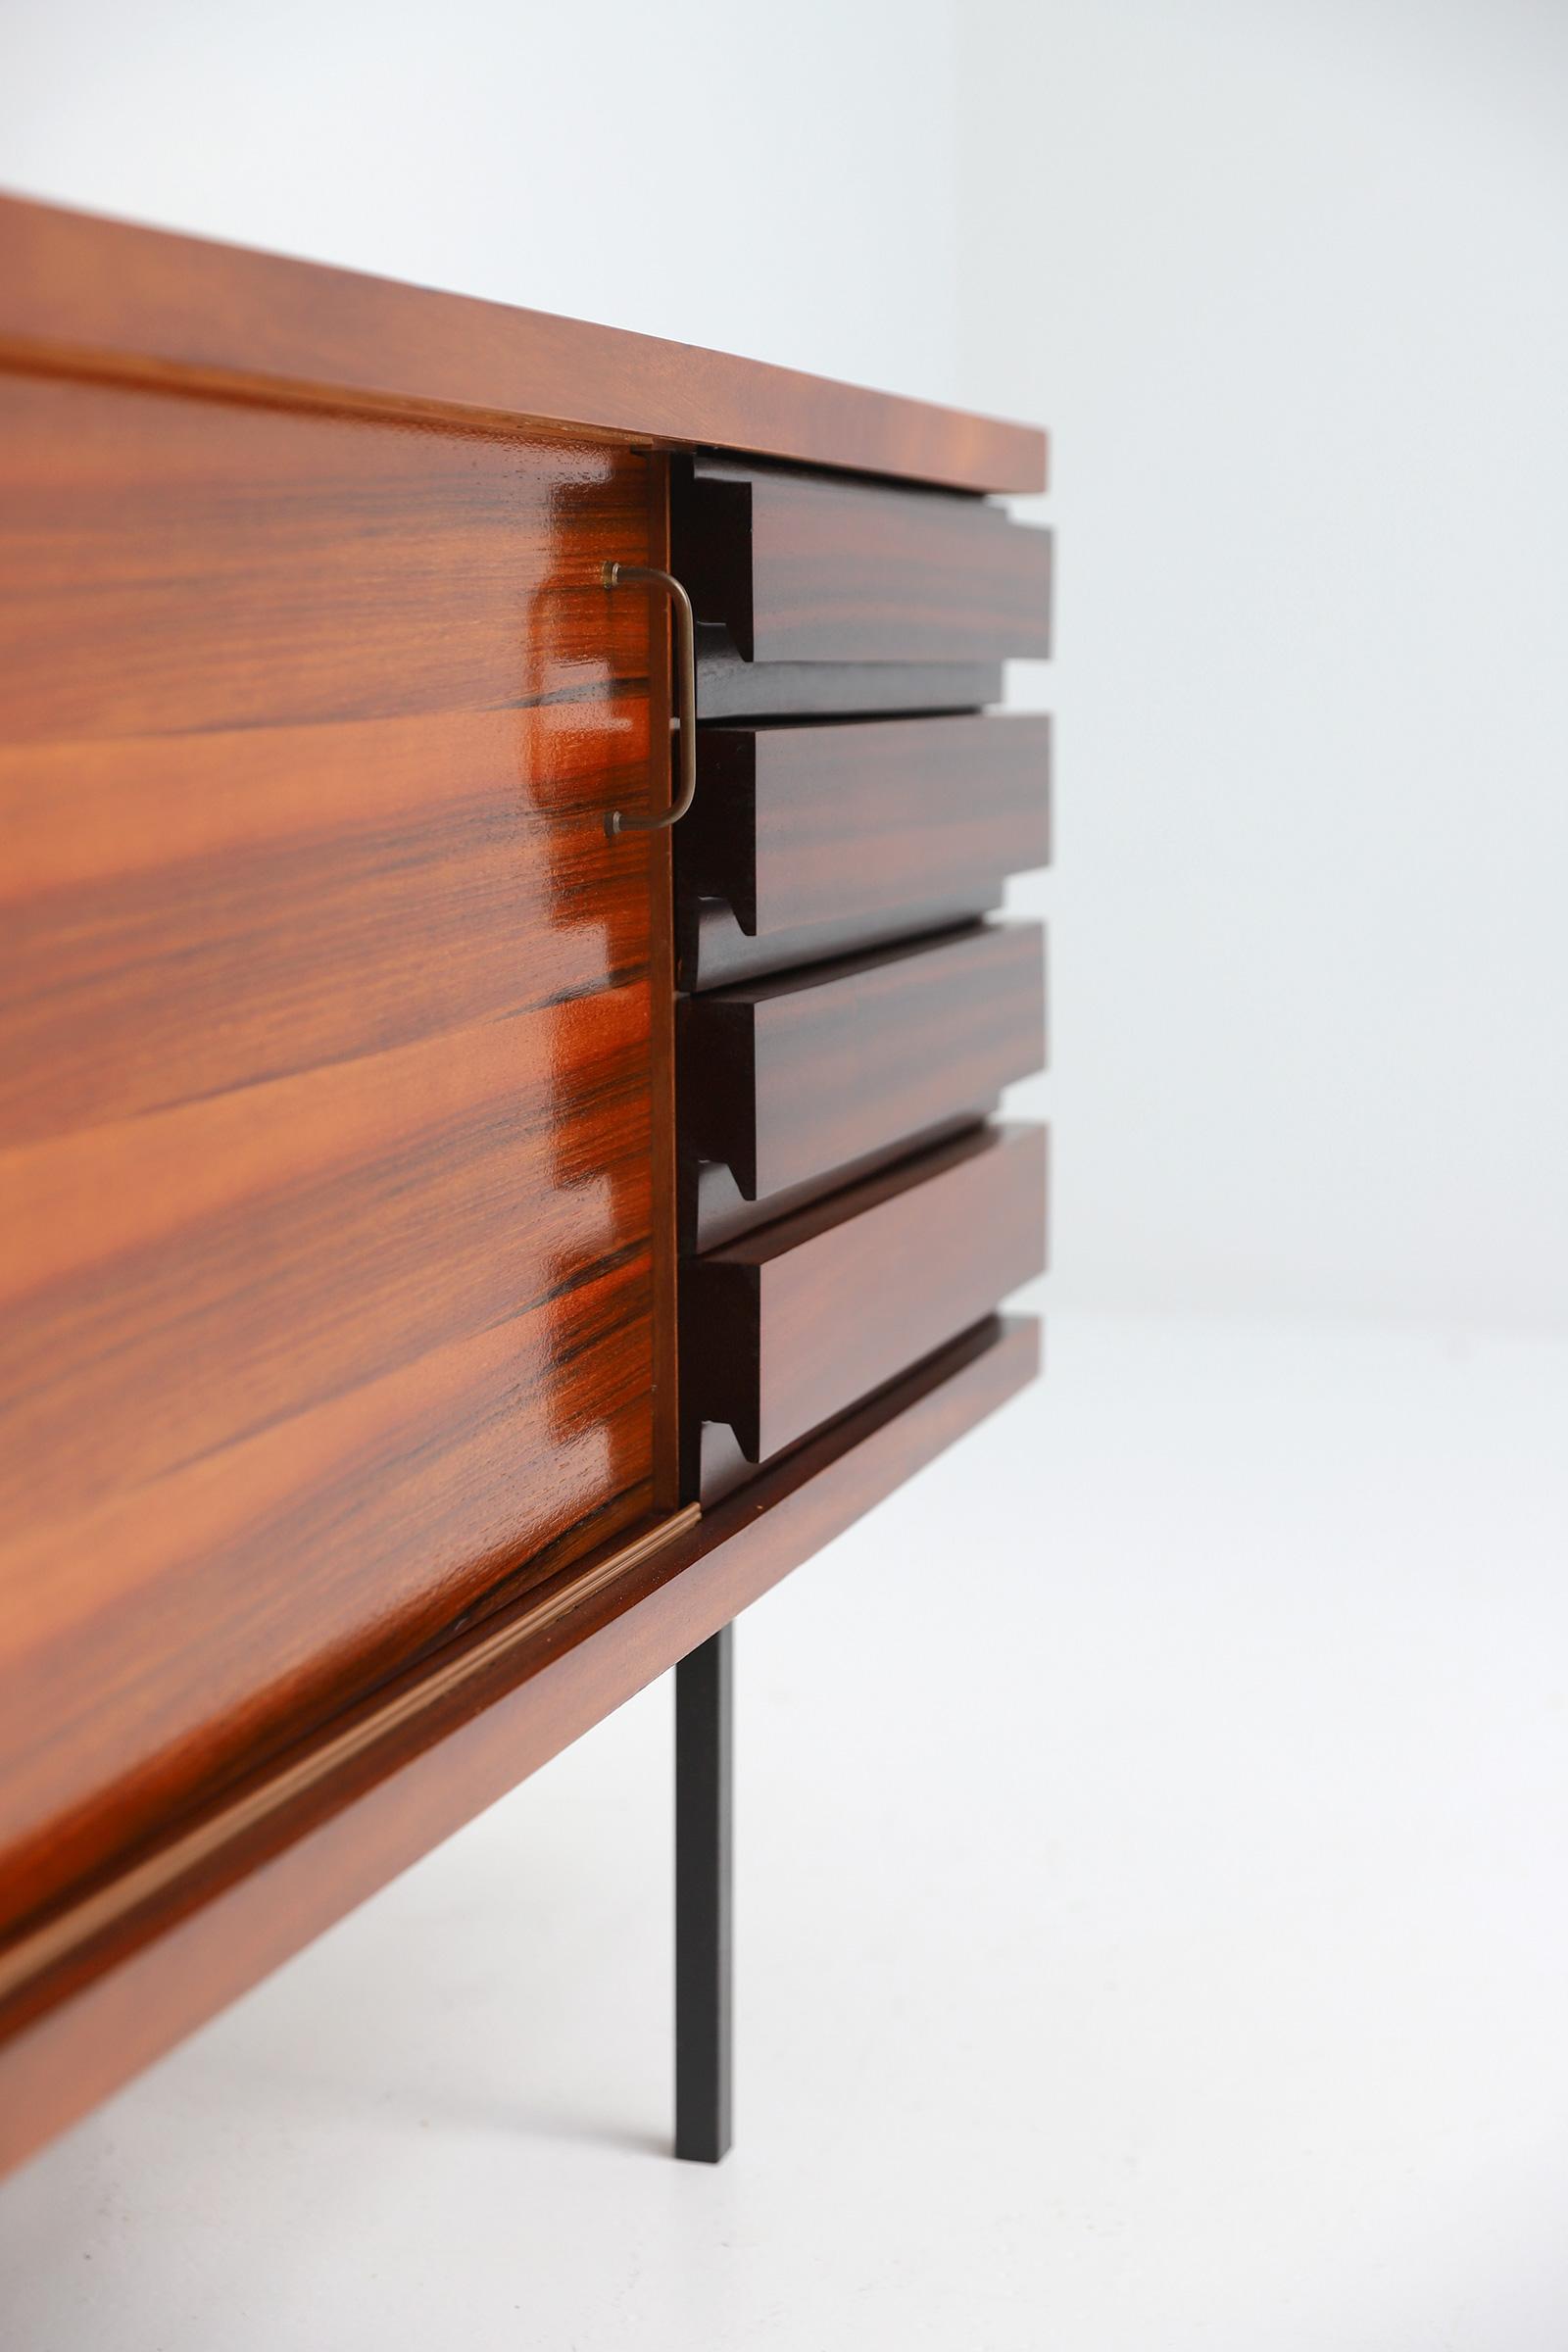 Luxus Sideboard by Jos De Mey 1950simage 8